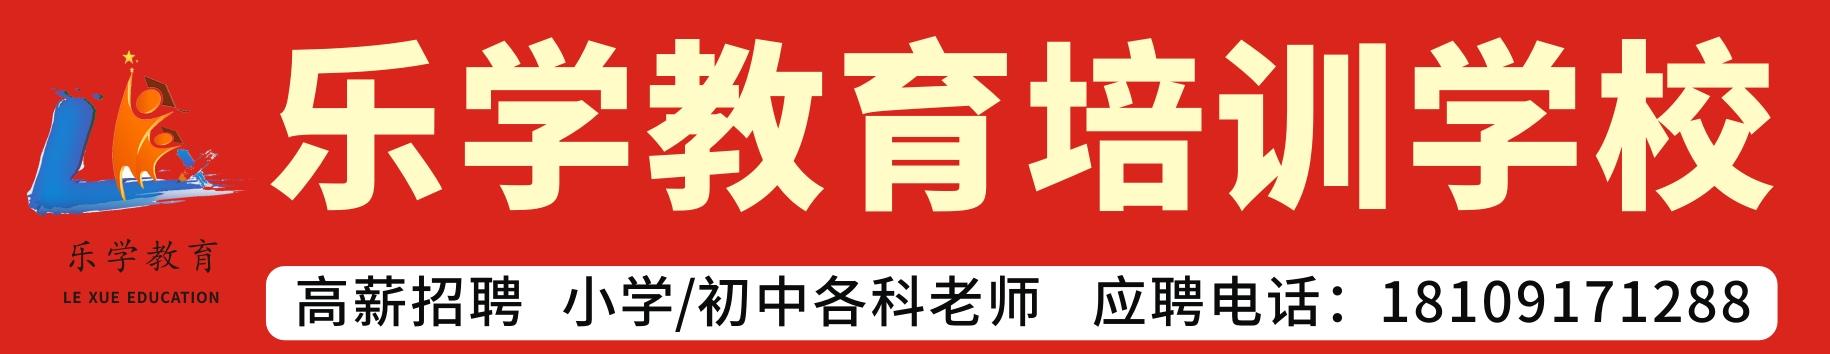 凤翔县乐学教育培训学校